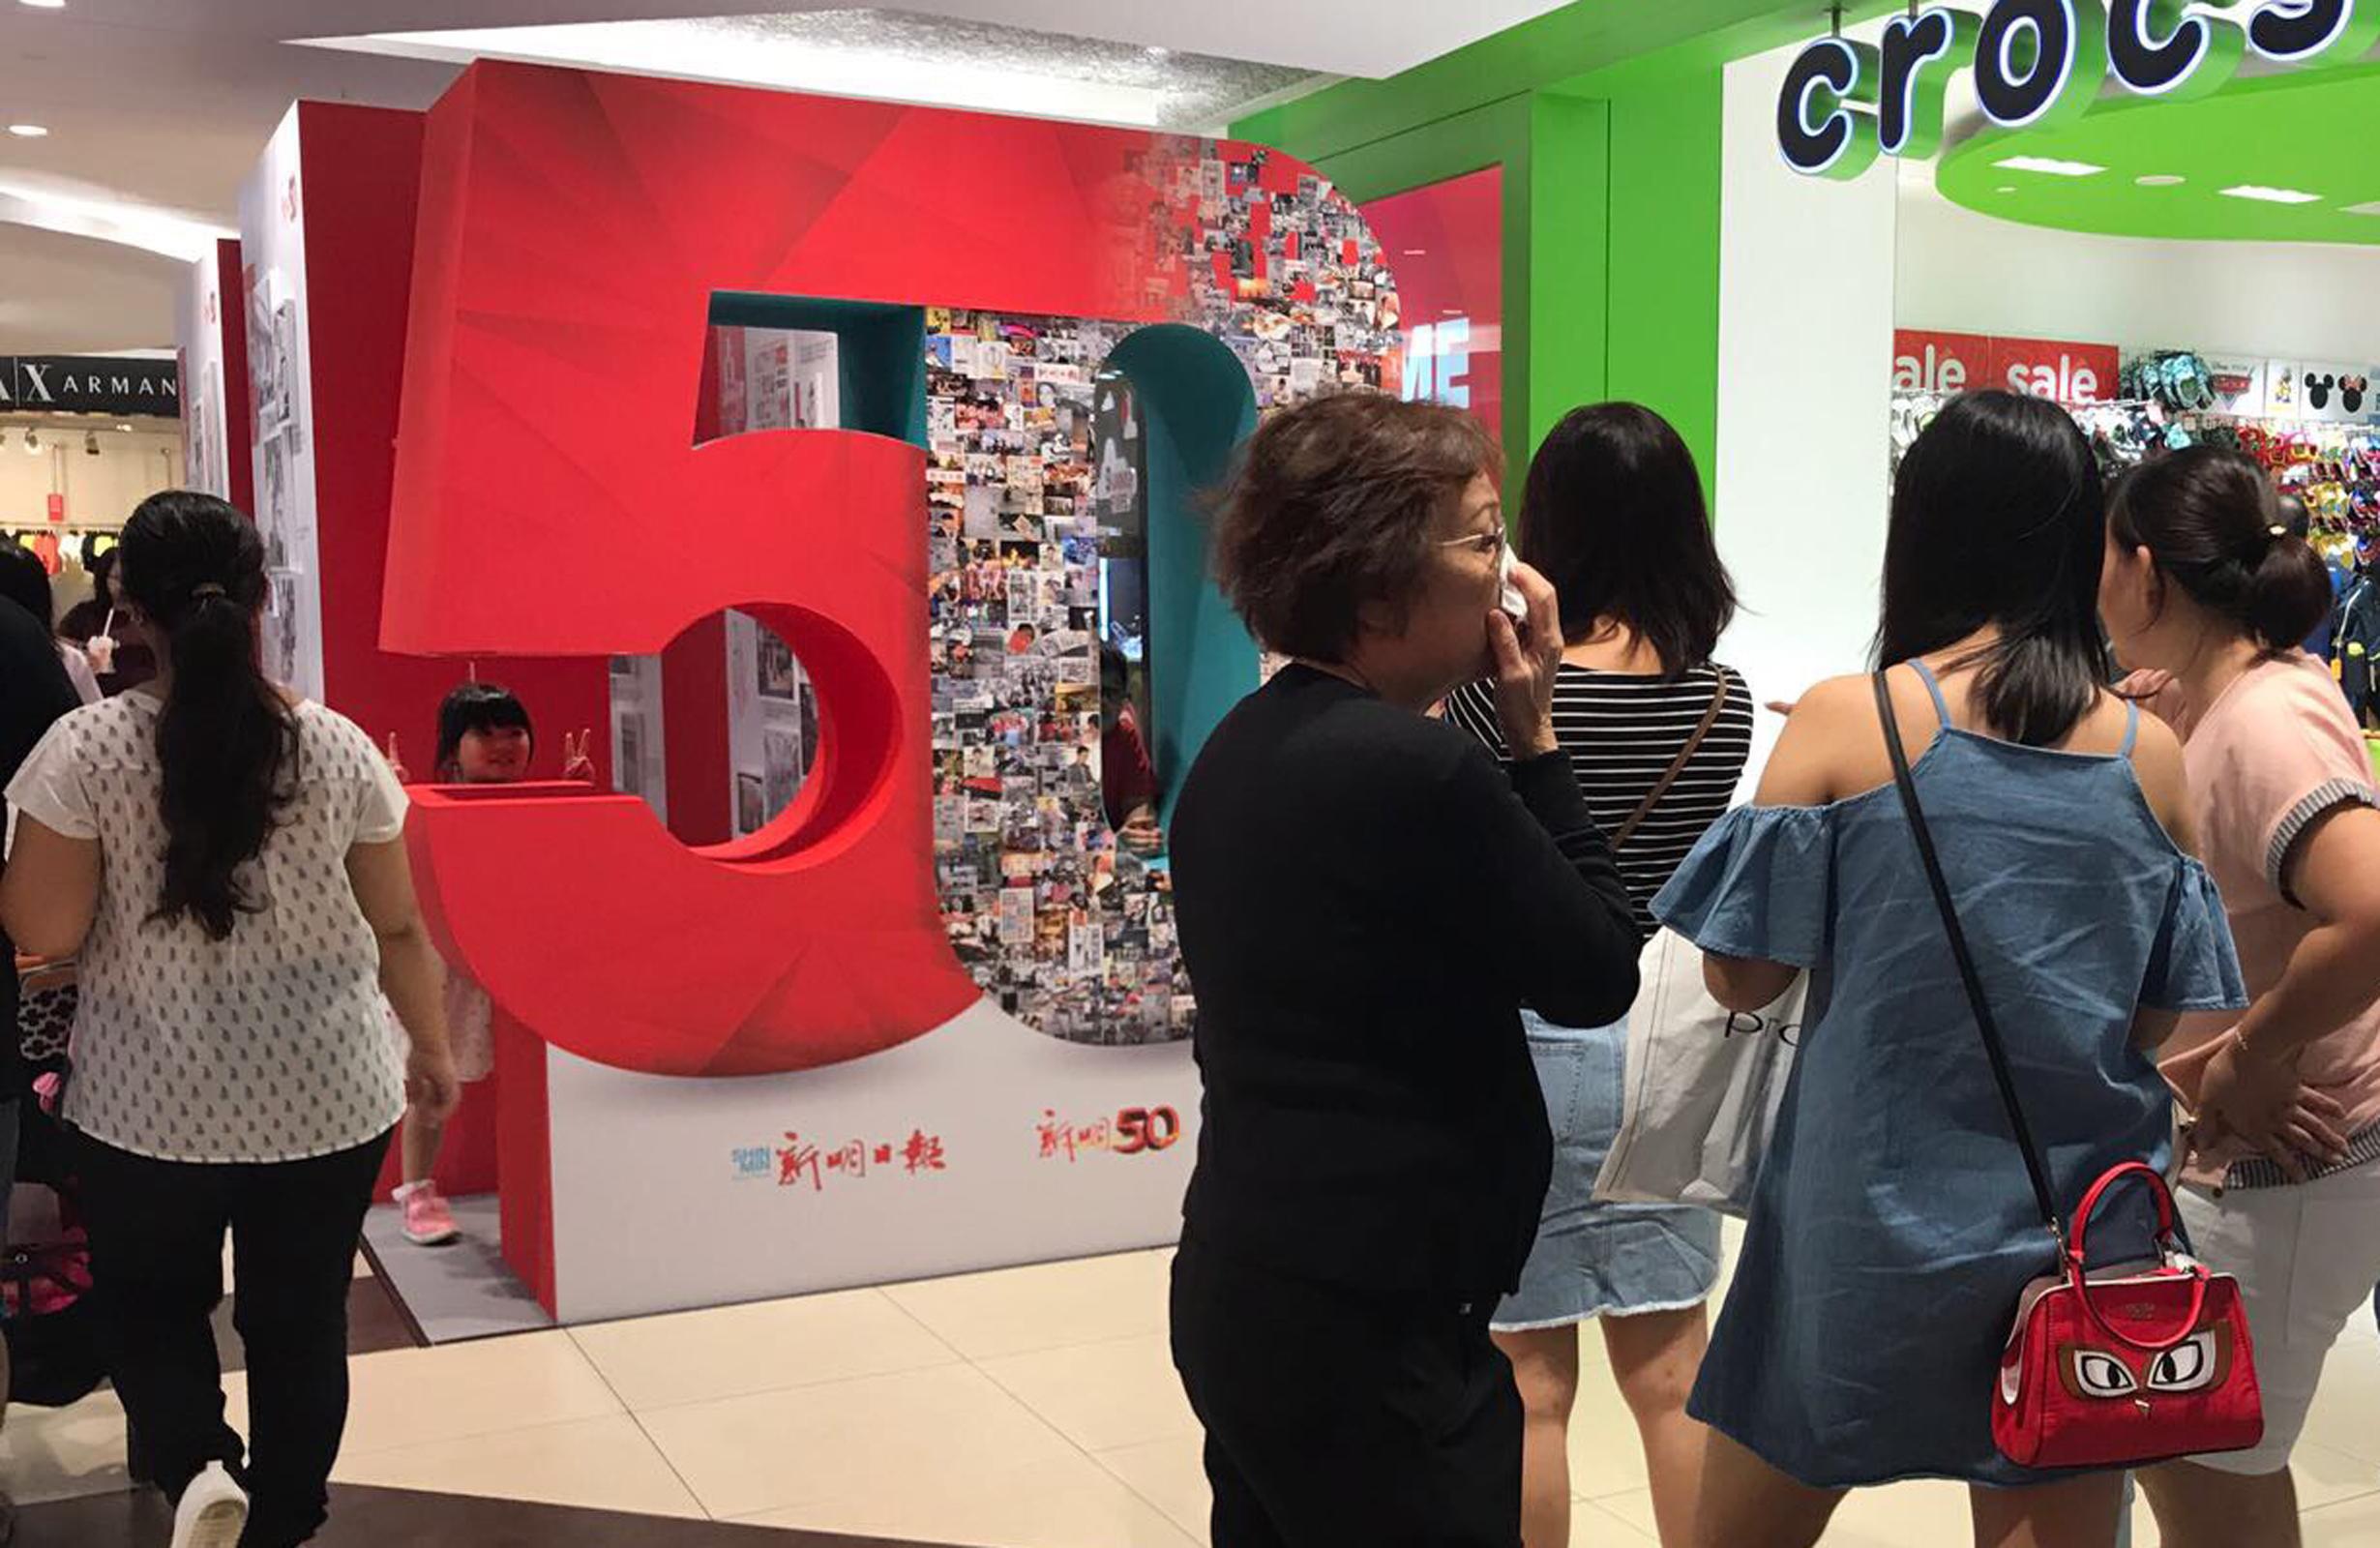 回顾展于今年6月初在新加坡书展首次亮相,之后分别在淡滨尼广场、唐城坊、IMM巡回展出。